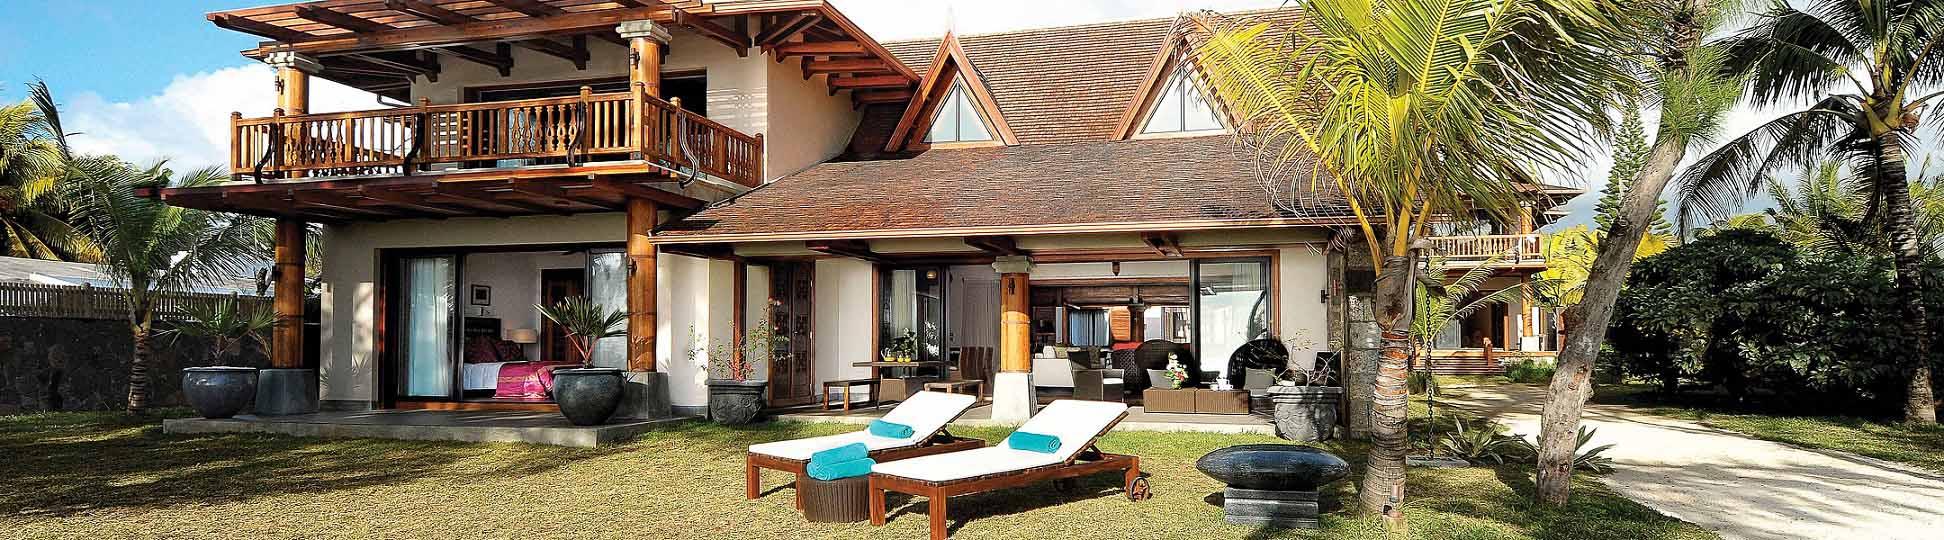 villa-de-luxe-ile-maurice-location-villa-ile-maurice-villa-rental-mauritius-villa-tiara-villa-2